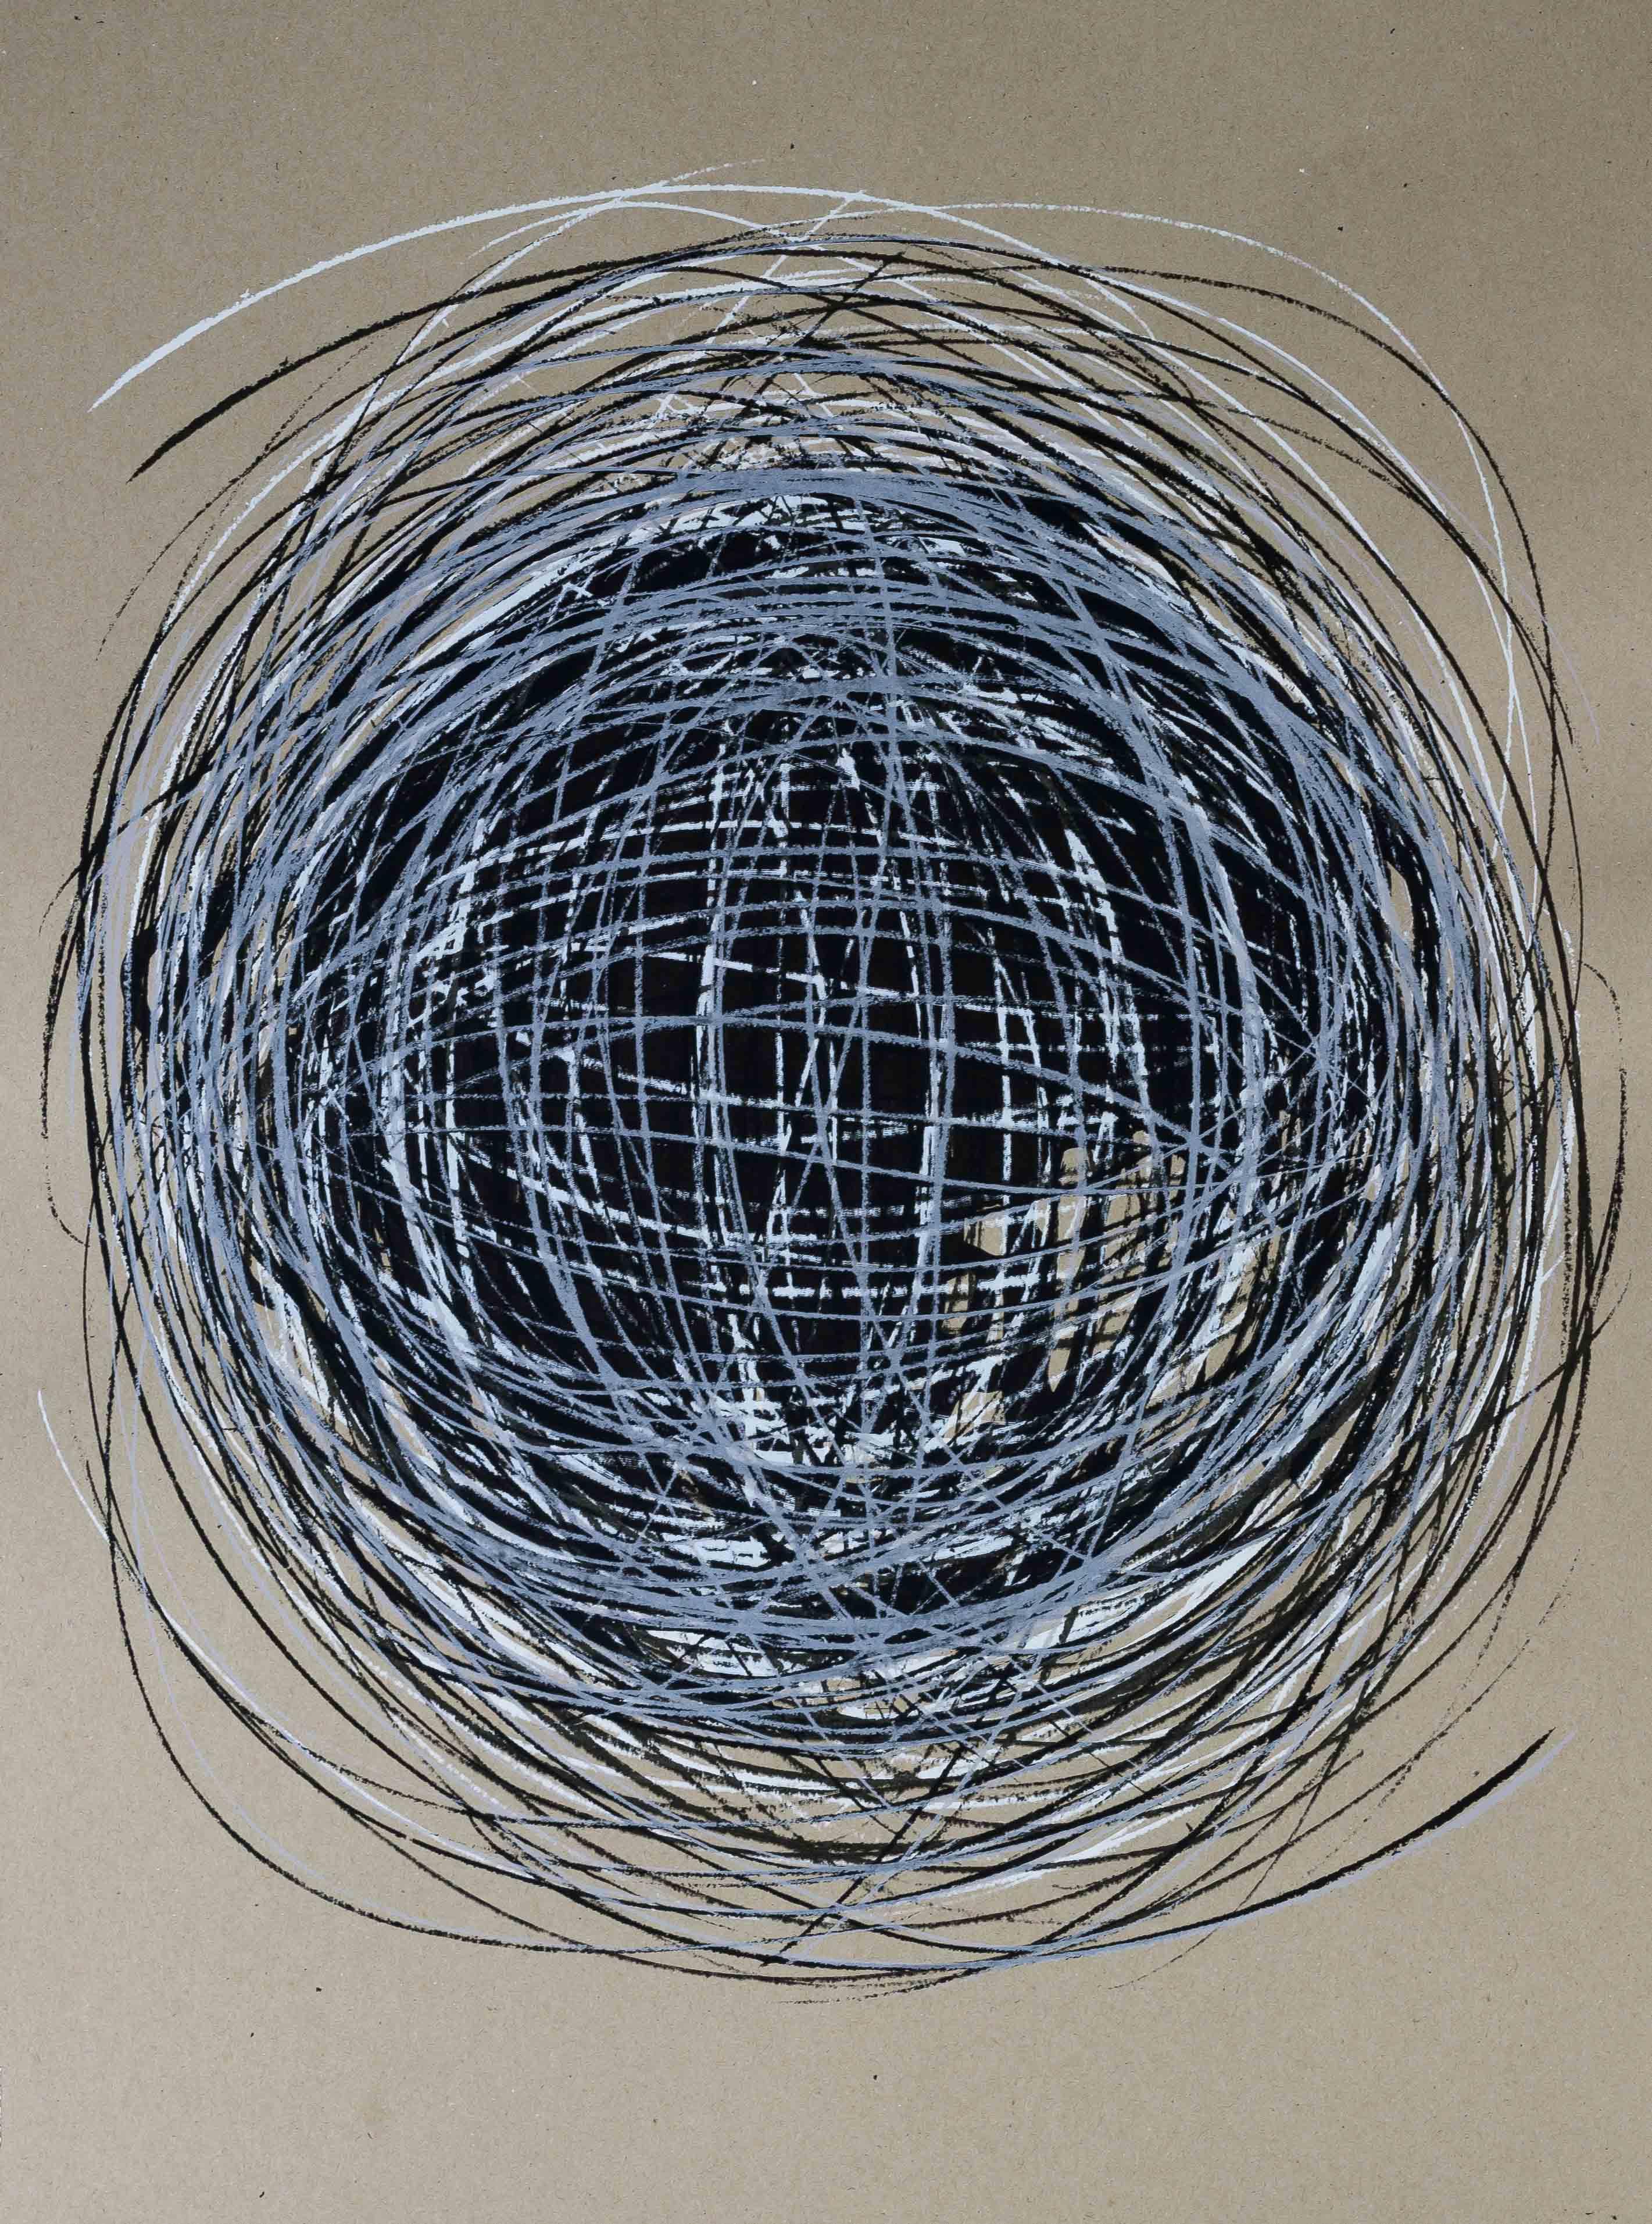 Katharina Albers, Transformation XXXI, 2011, Siebdruck, Unikat, 59,5x42cm